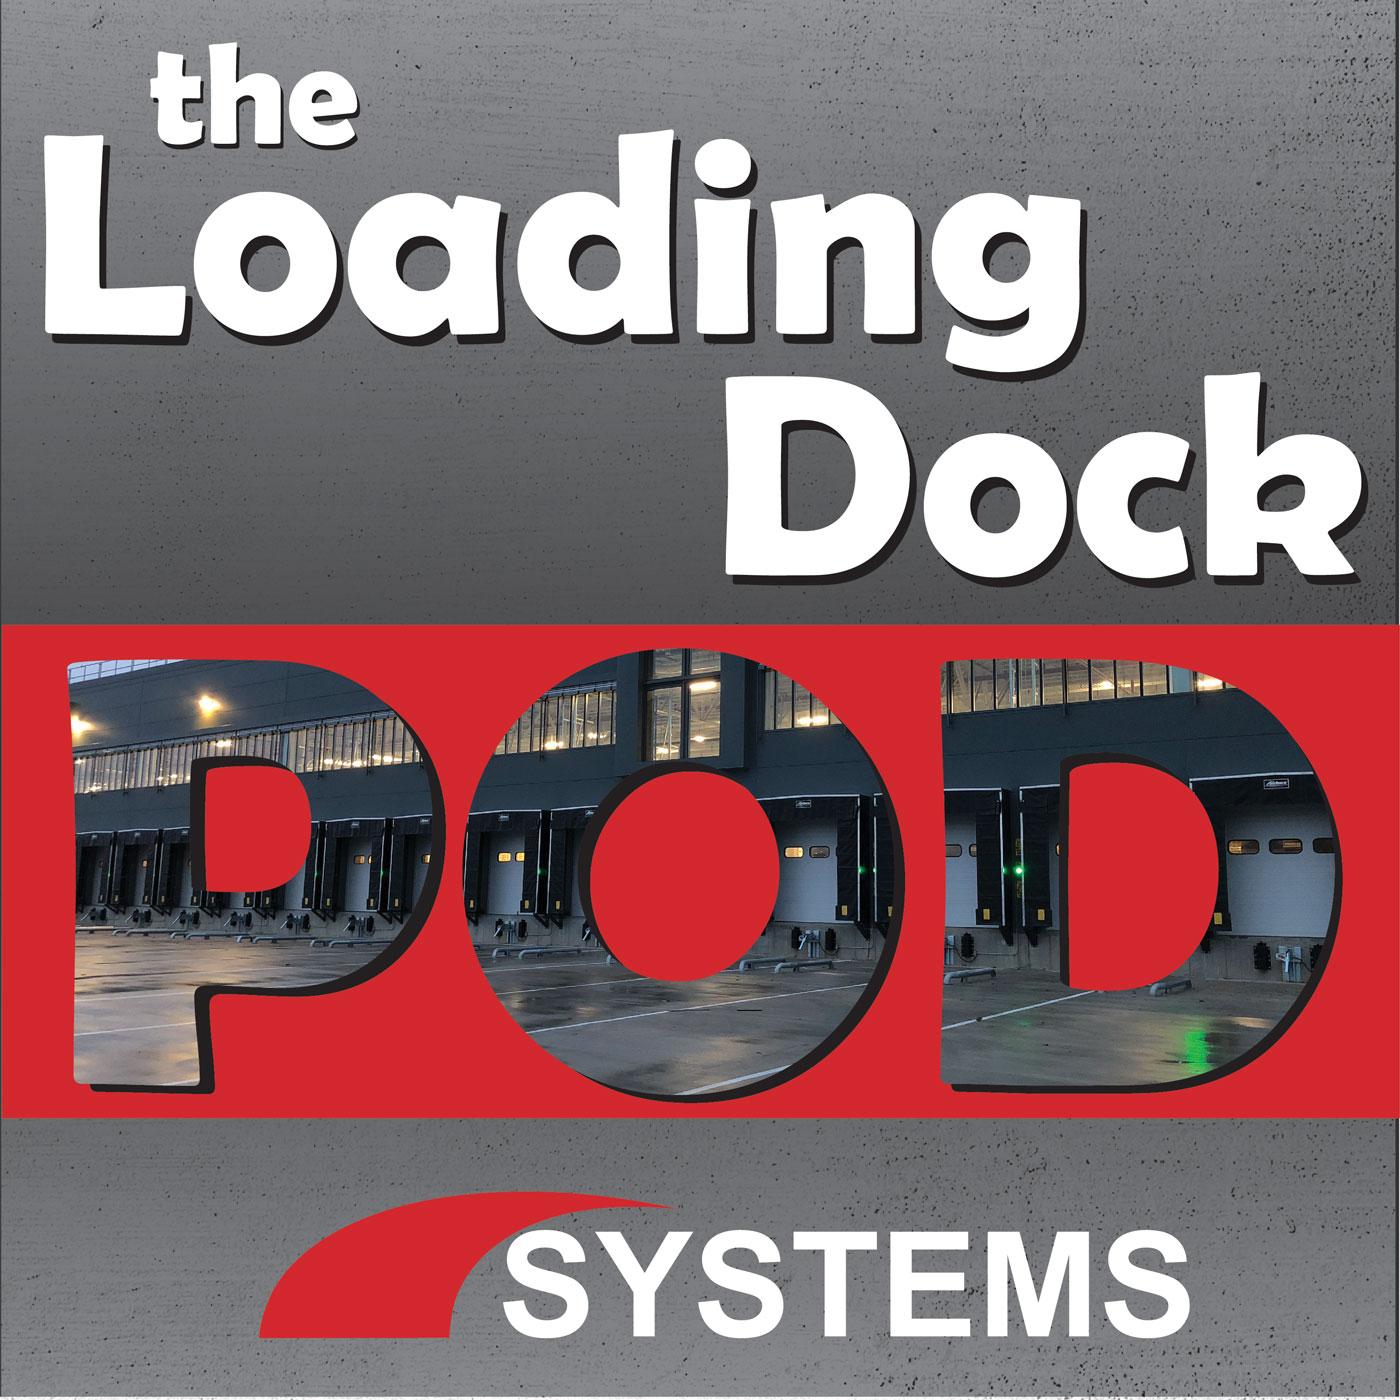 The Loading Dock Pod show art